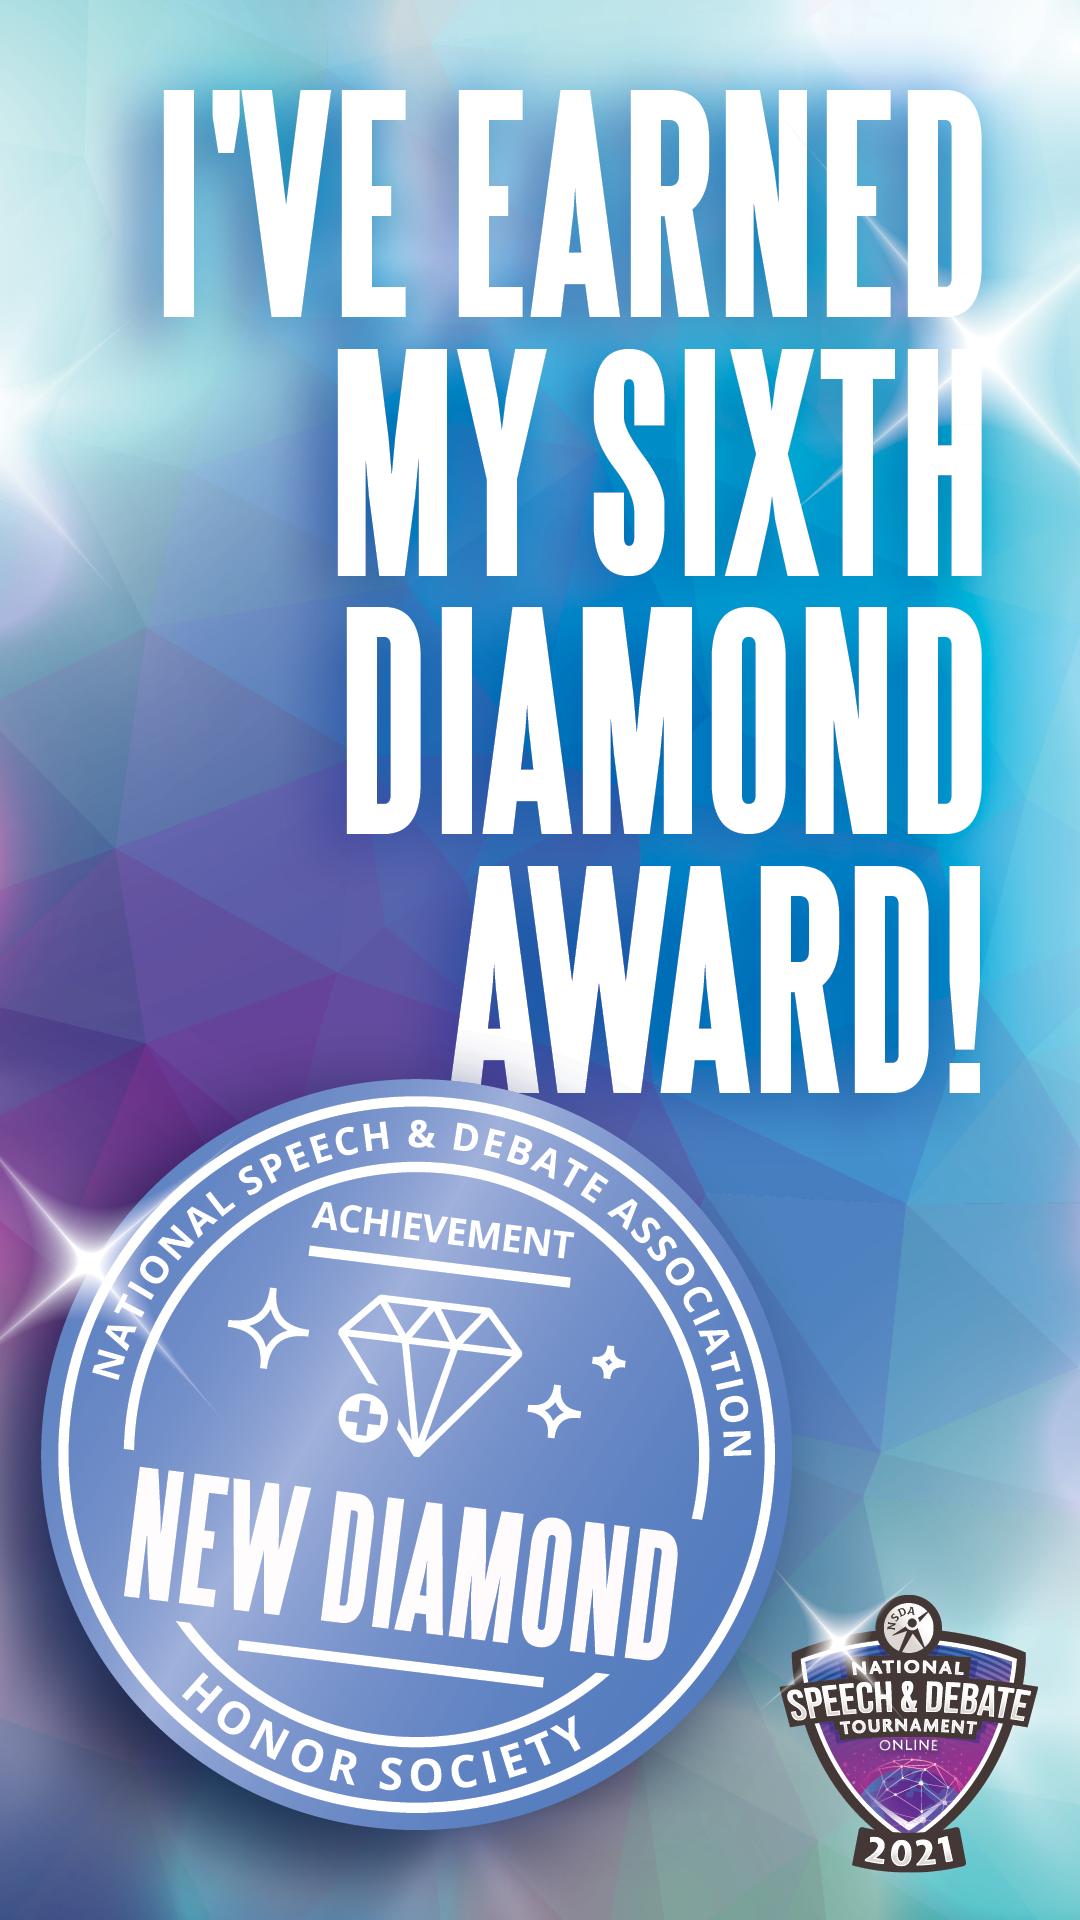 I've Earned My Sixth Diamond Award!